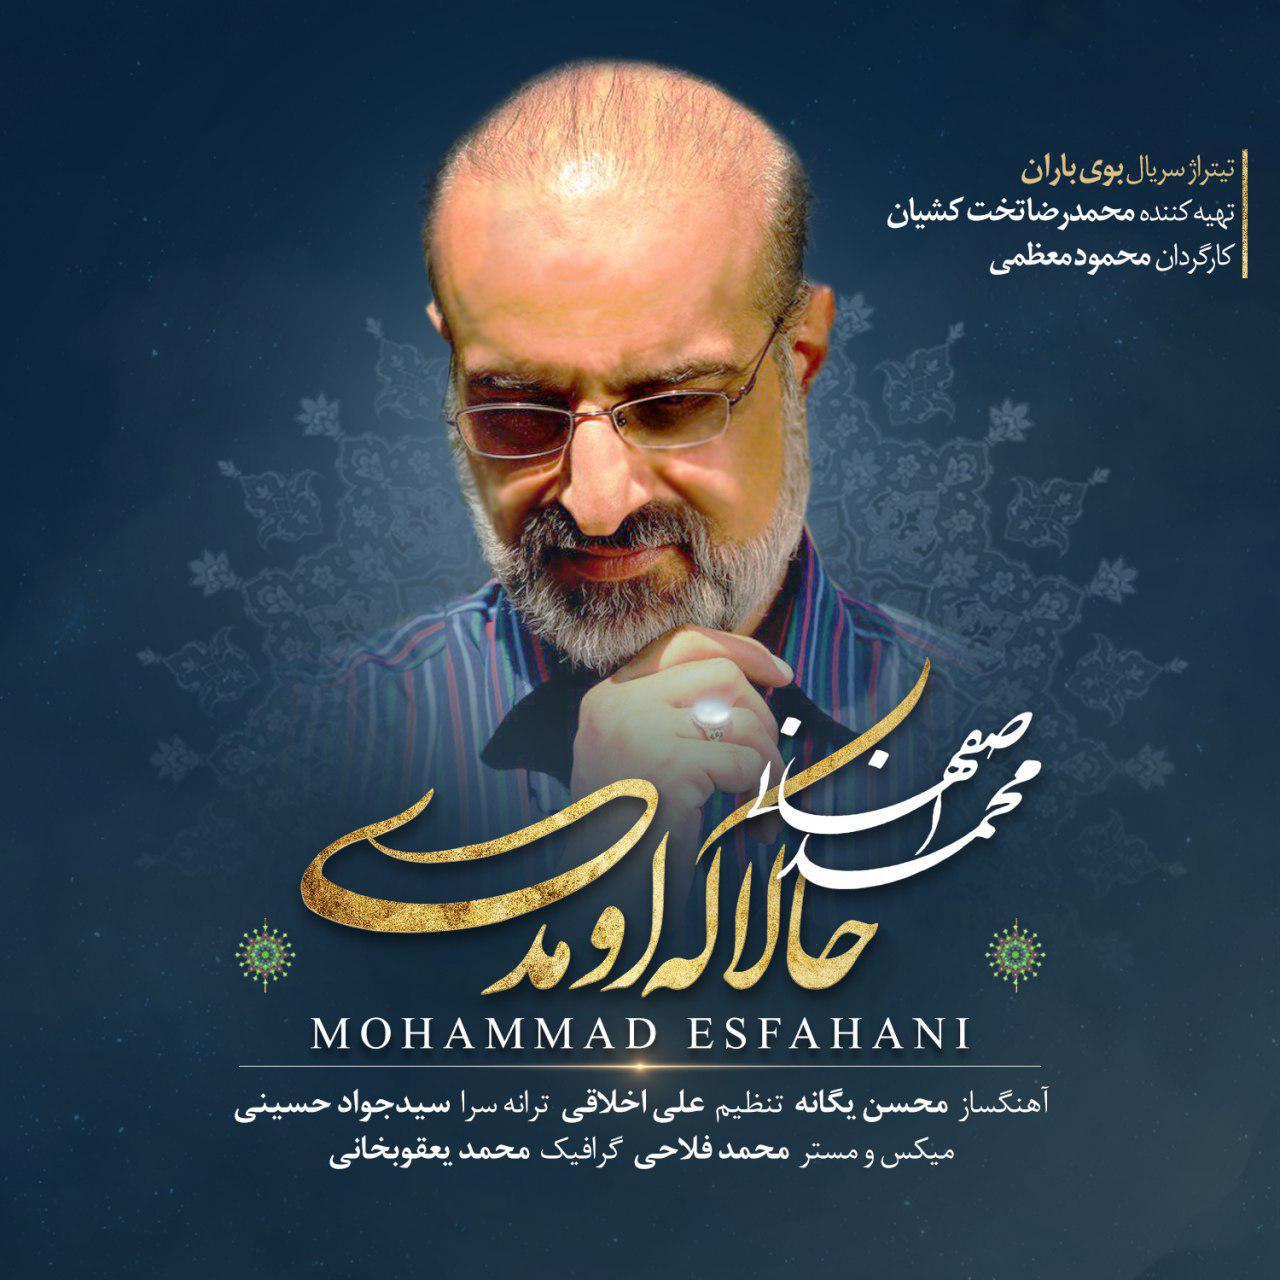 دانلود آهنگ حالا که اومدی از چی بگم برات - محمد اصفهانی